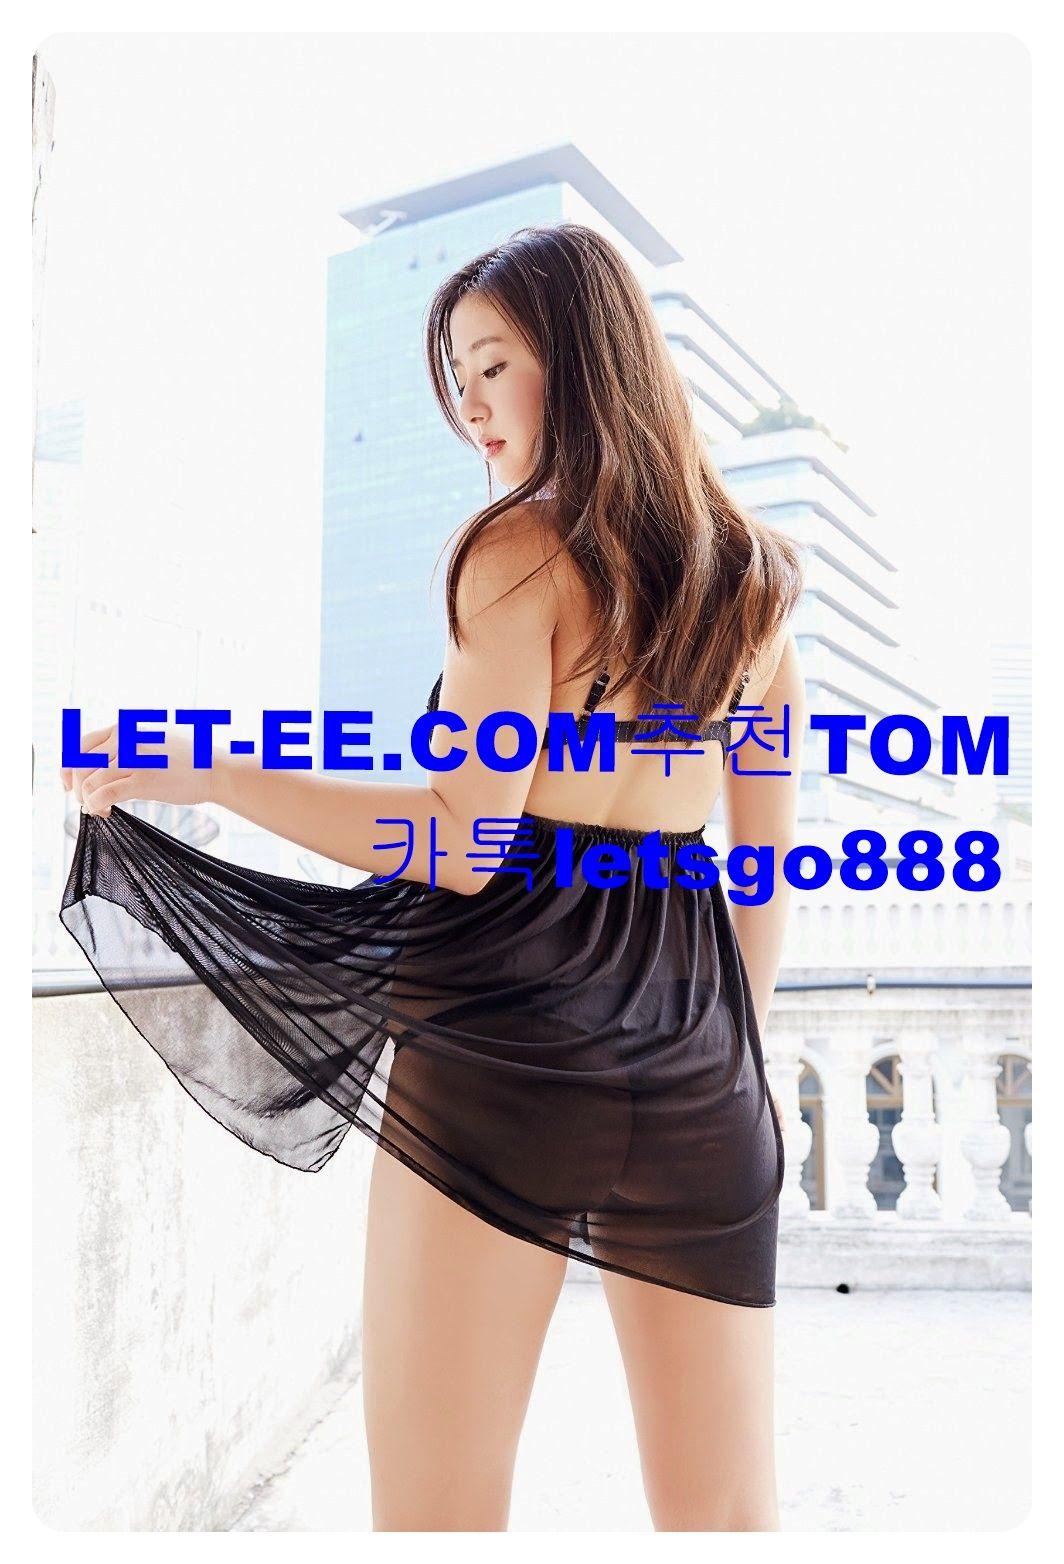 사설배트맨㸈♠〔LET-EEㆍCOM추천:TOM〕♠㸈사설배트맨,카톡,텔레그램톡letsgo888,about.me/sunmi_hong…